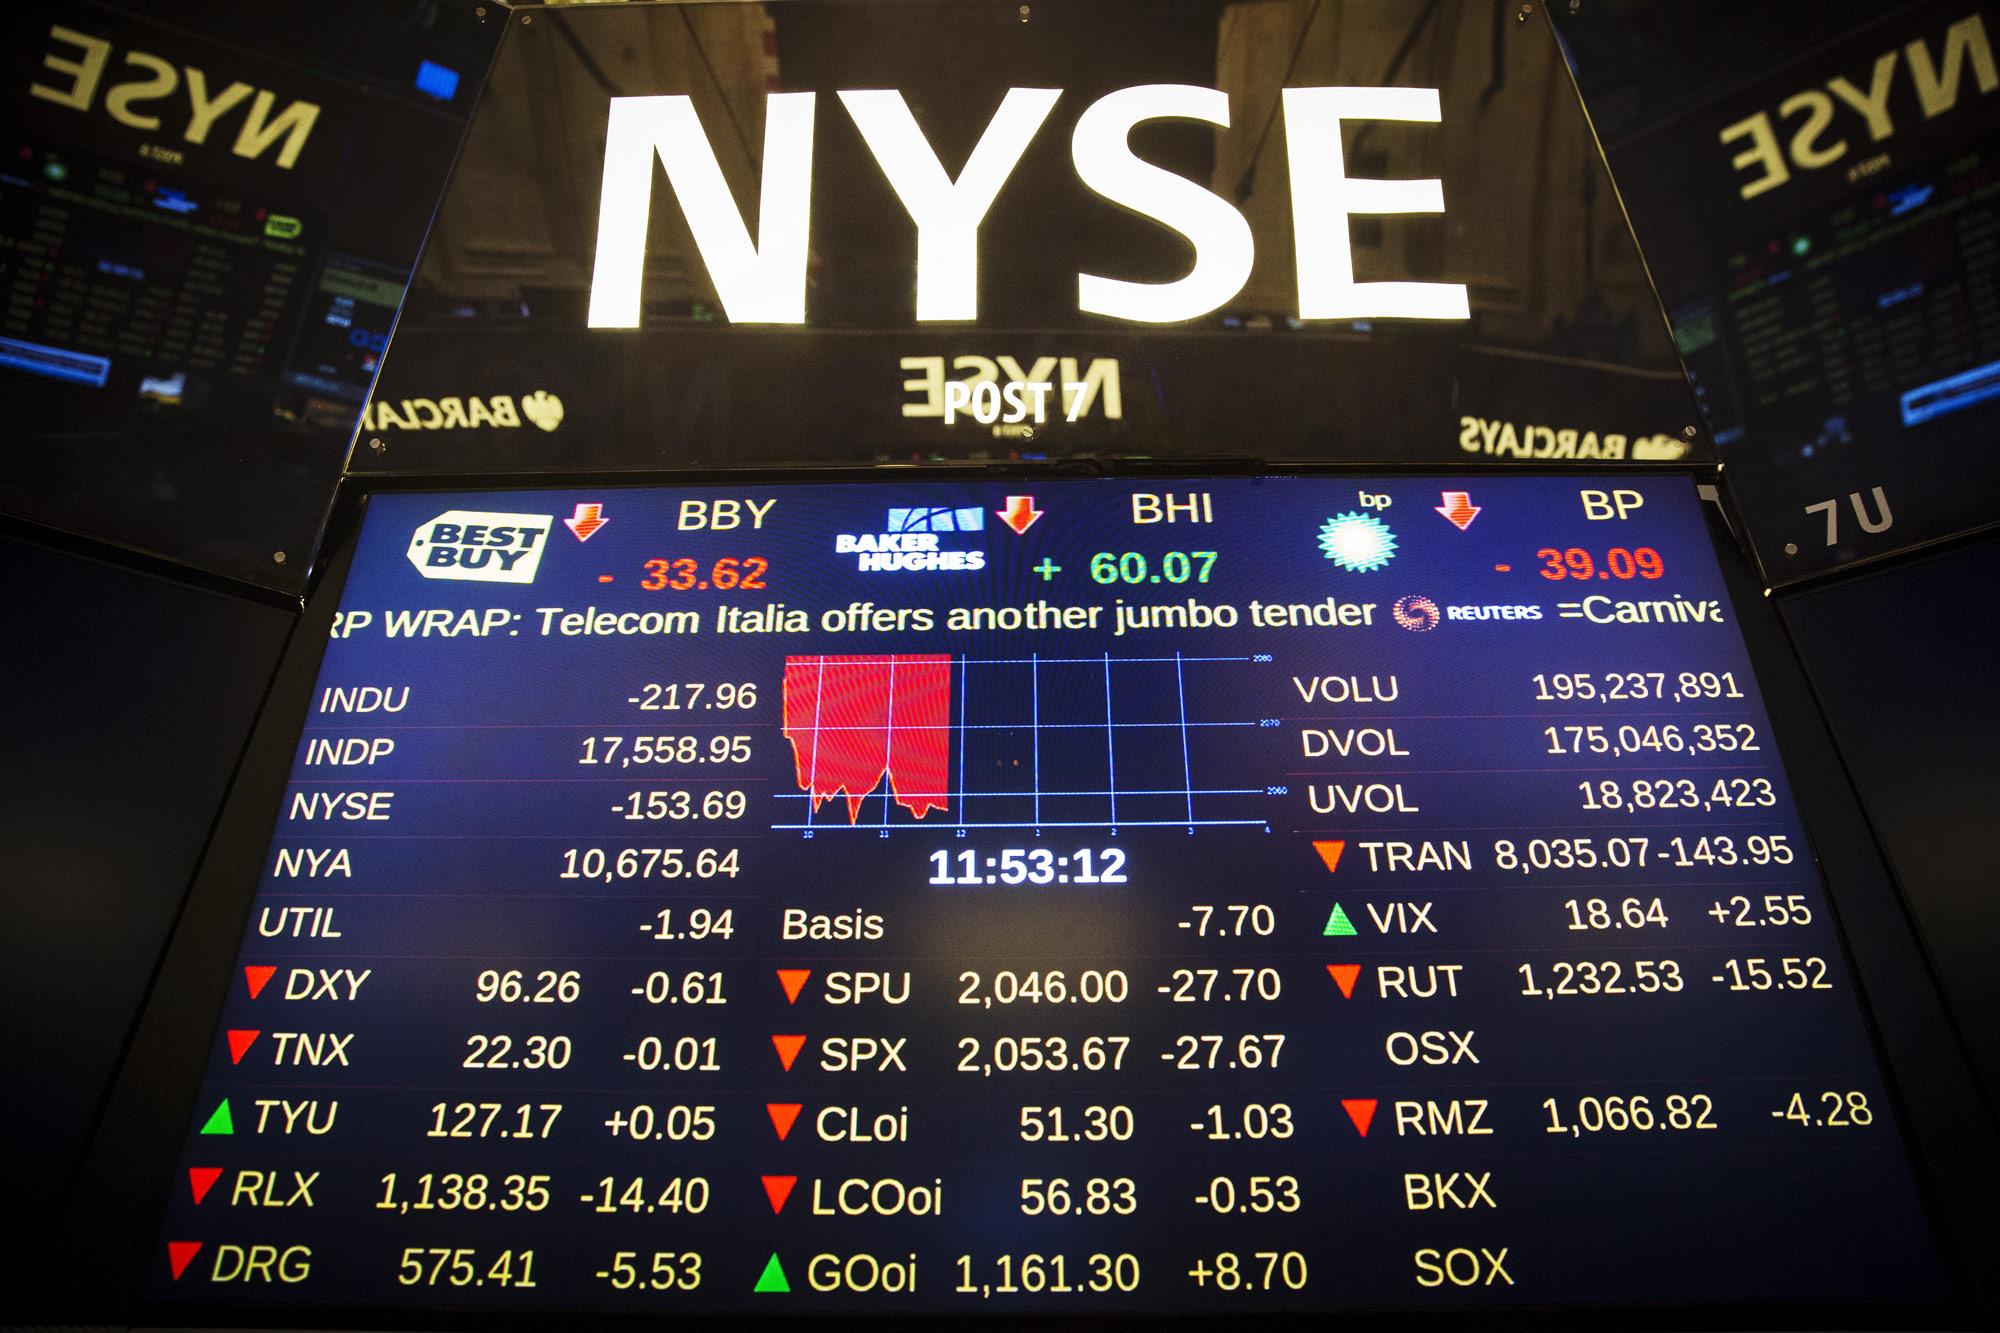 美股指数摇摆不定,关注近期价格走势-图表家